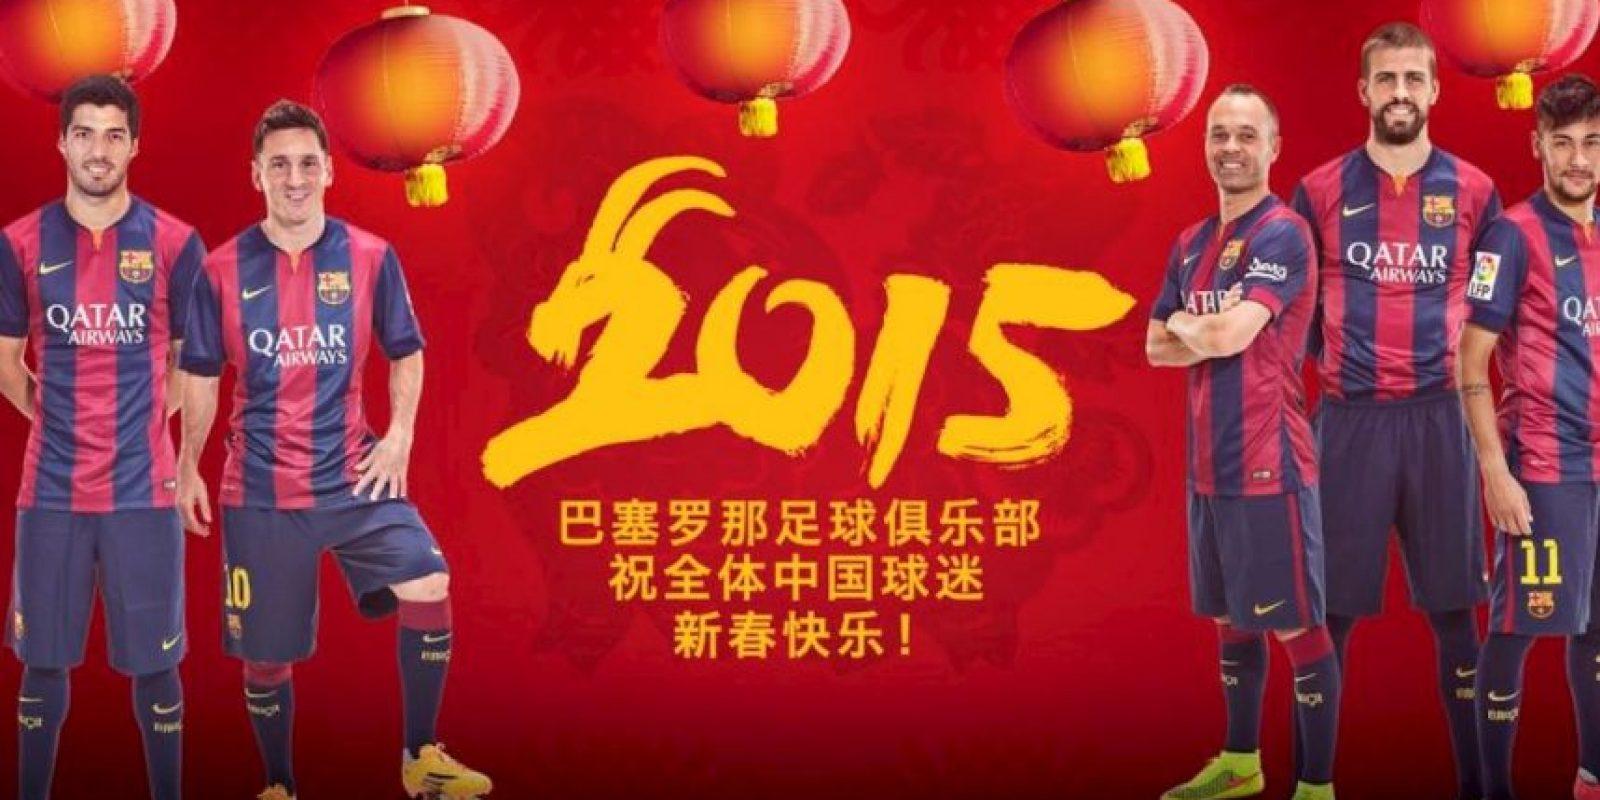 Los futbolistas del Barcelona desearon feliz año nuevo chino. Foto:Barcelona